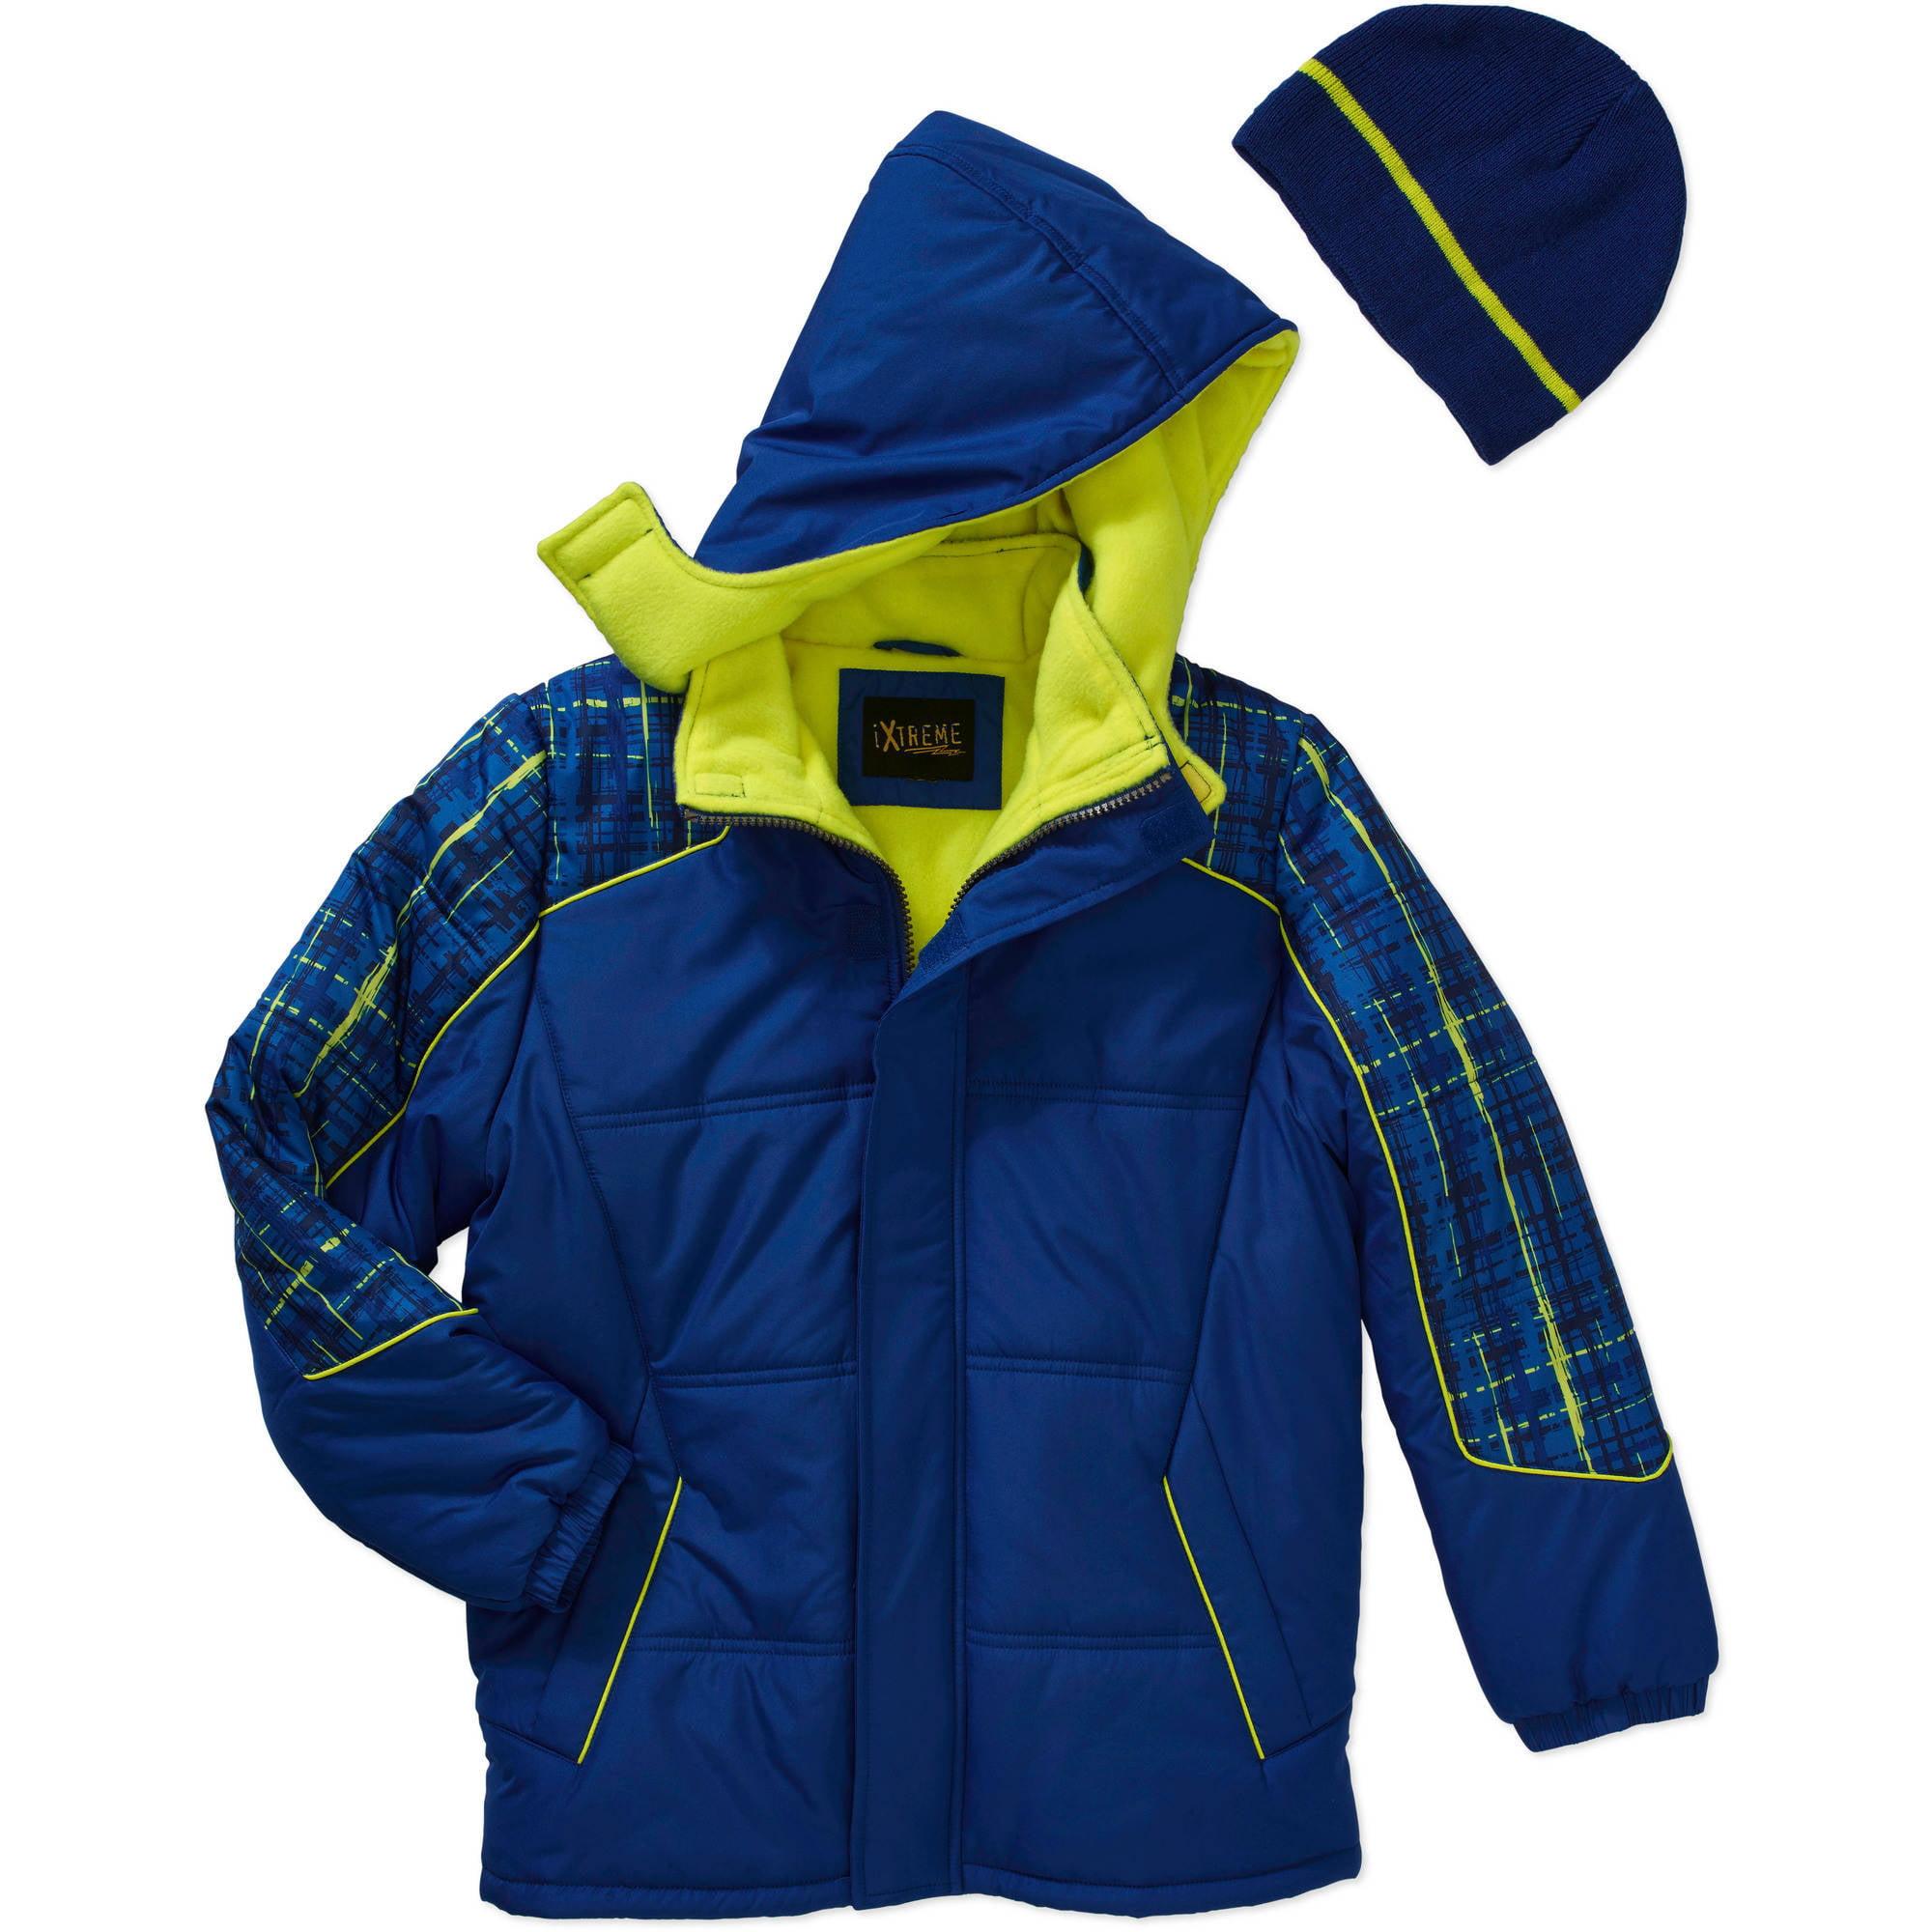 Kids' Coats - Walmart.com